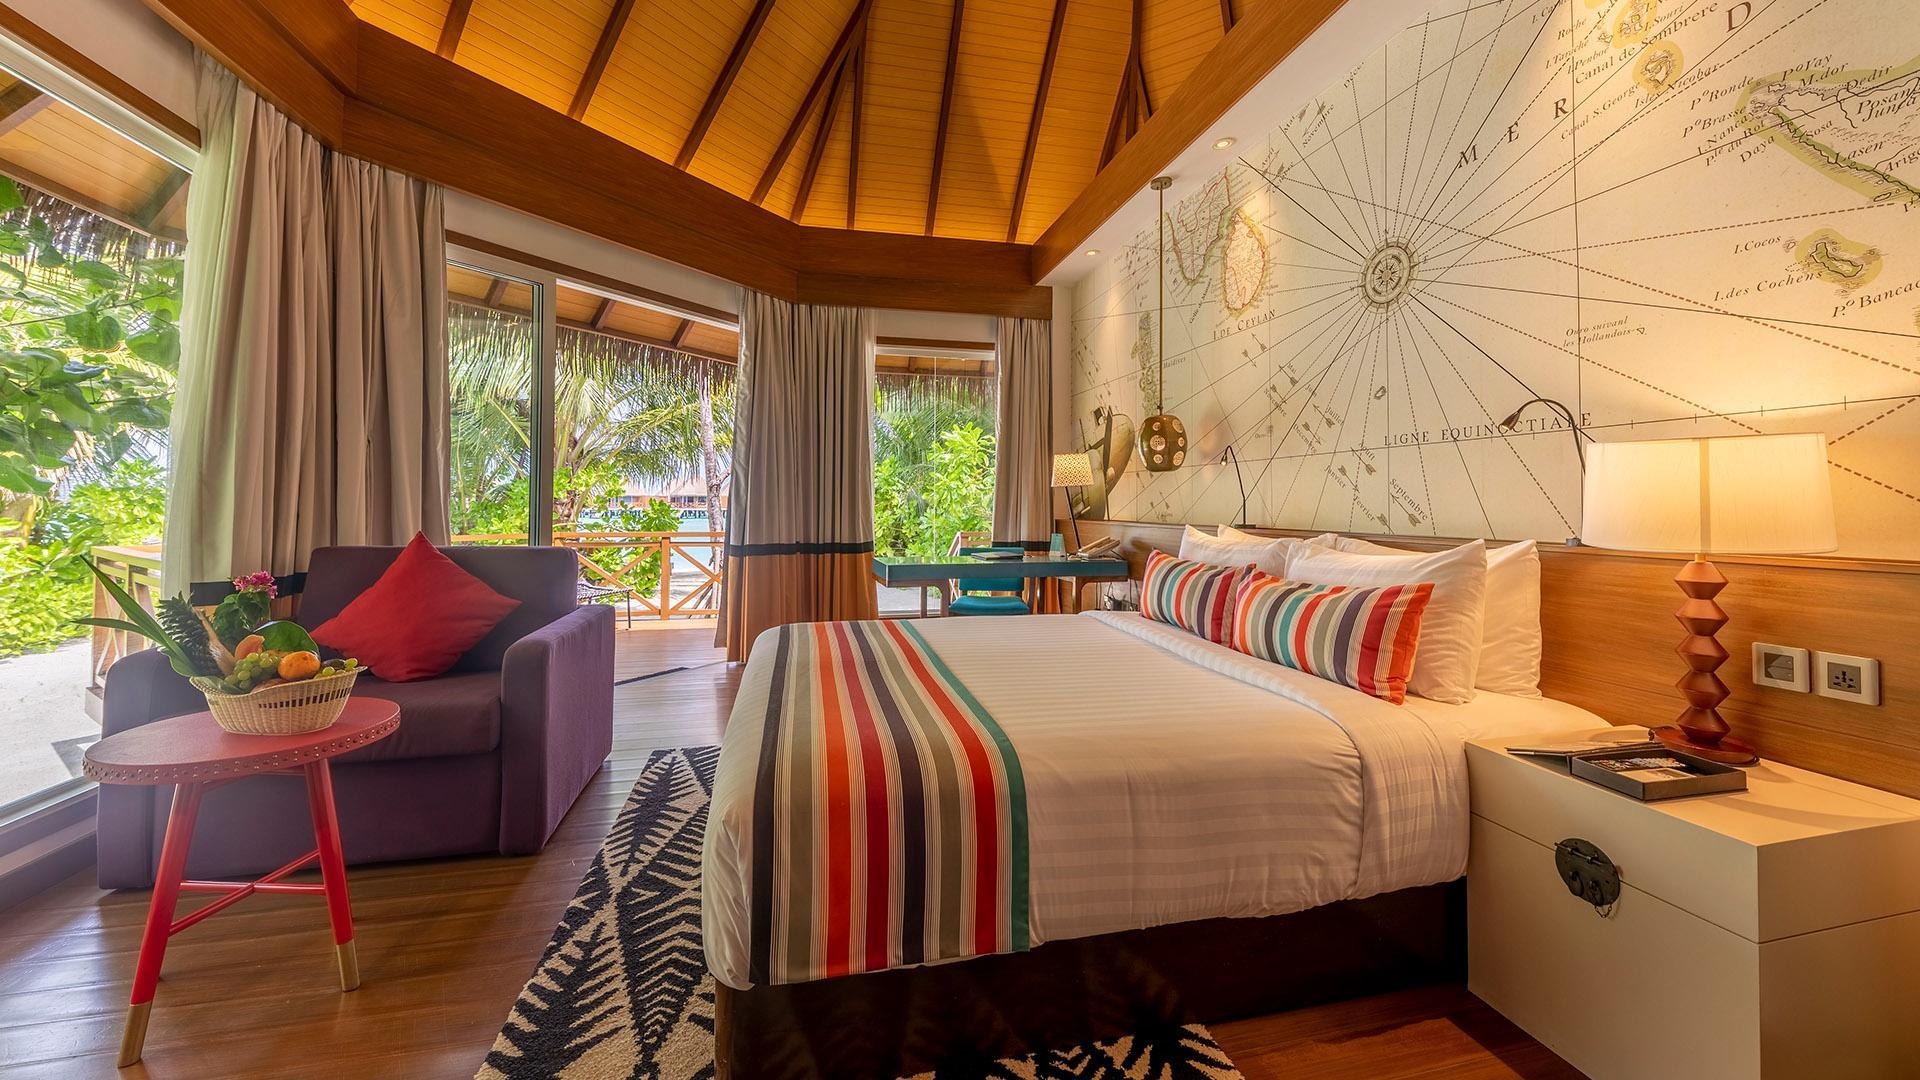 Beach Villa image 1 at Mercure Maldives Kooddoo by Gaafu Alifu Atoll, Upper South Province, Maldives